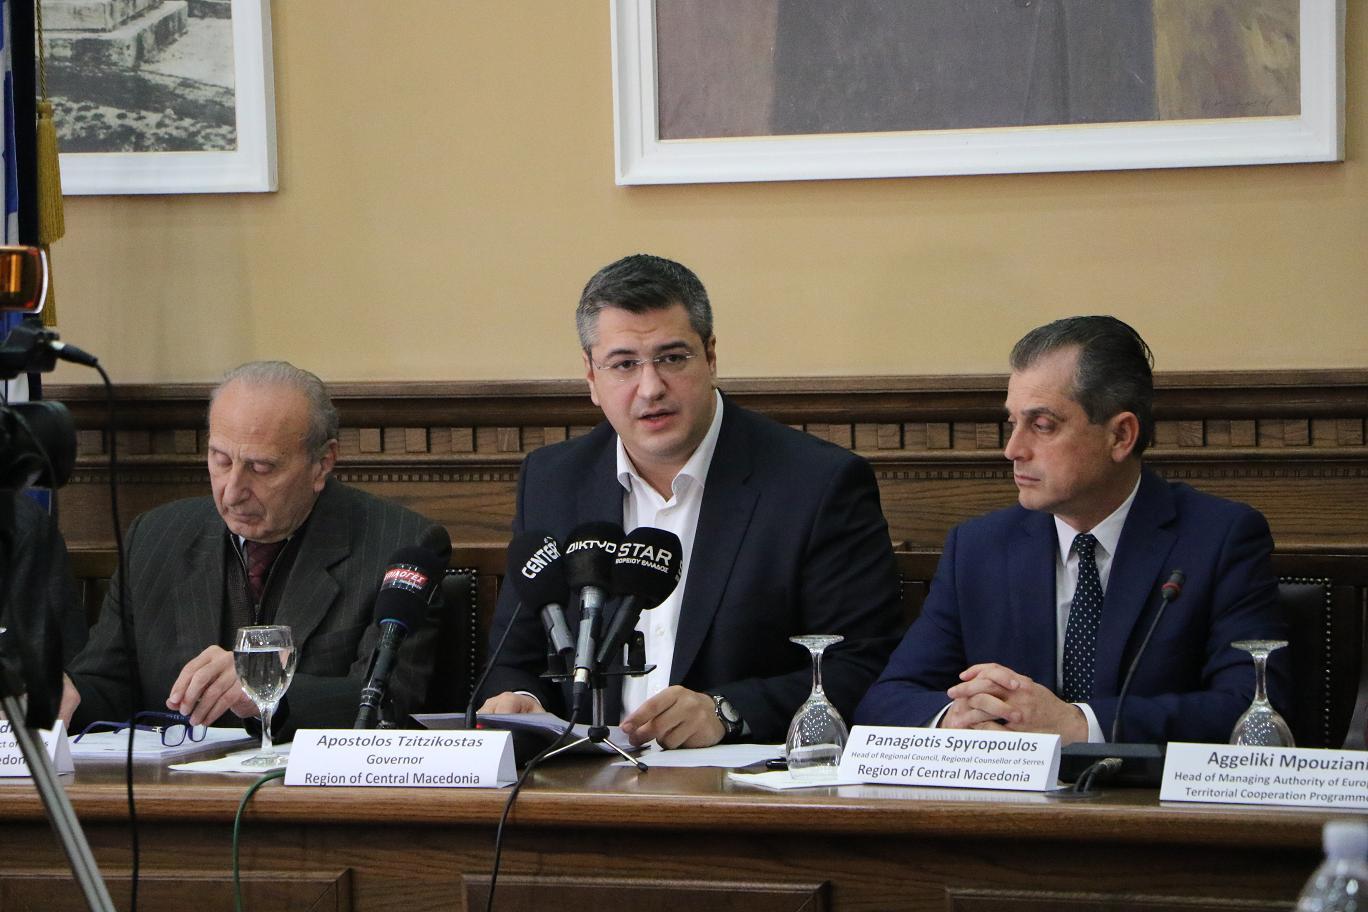 11,5 εκατομμύρια € για την αντιπλημμυρική θωράκιση των Σερρών από το Interreg Ελλάδα – Βουλγαρία